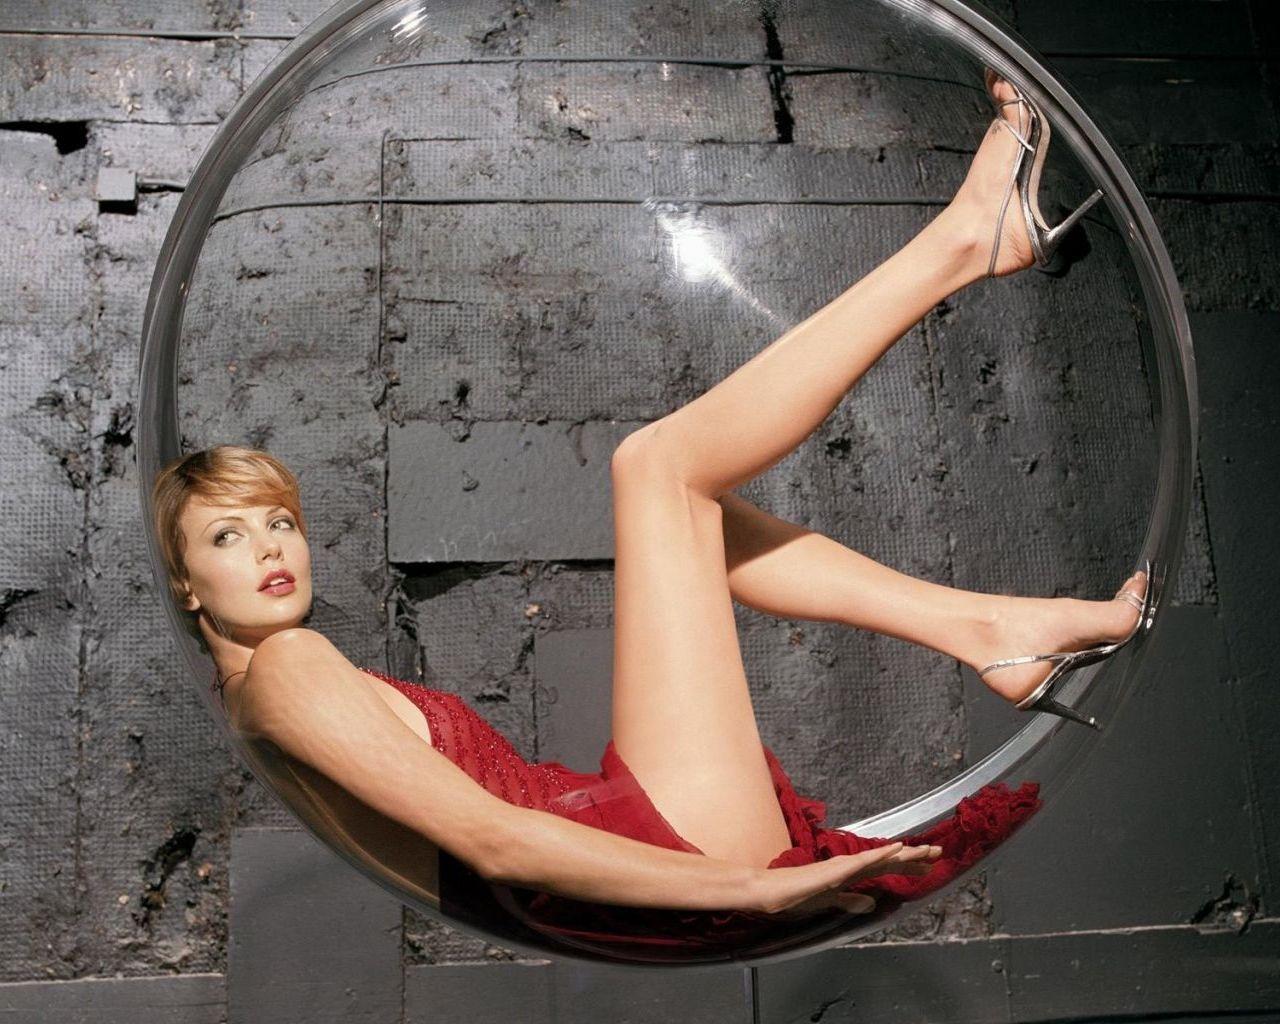 http://3.bp.blogspot.com/-Gjuwmmovk9k/TZfqyO1SSbI/AAAAAAAAACY/dDQtkJE2zas/s1600/charlize_theron_long_legs_1280x1024.jpg